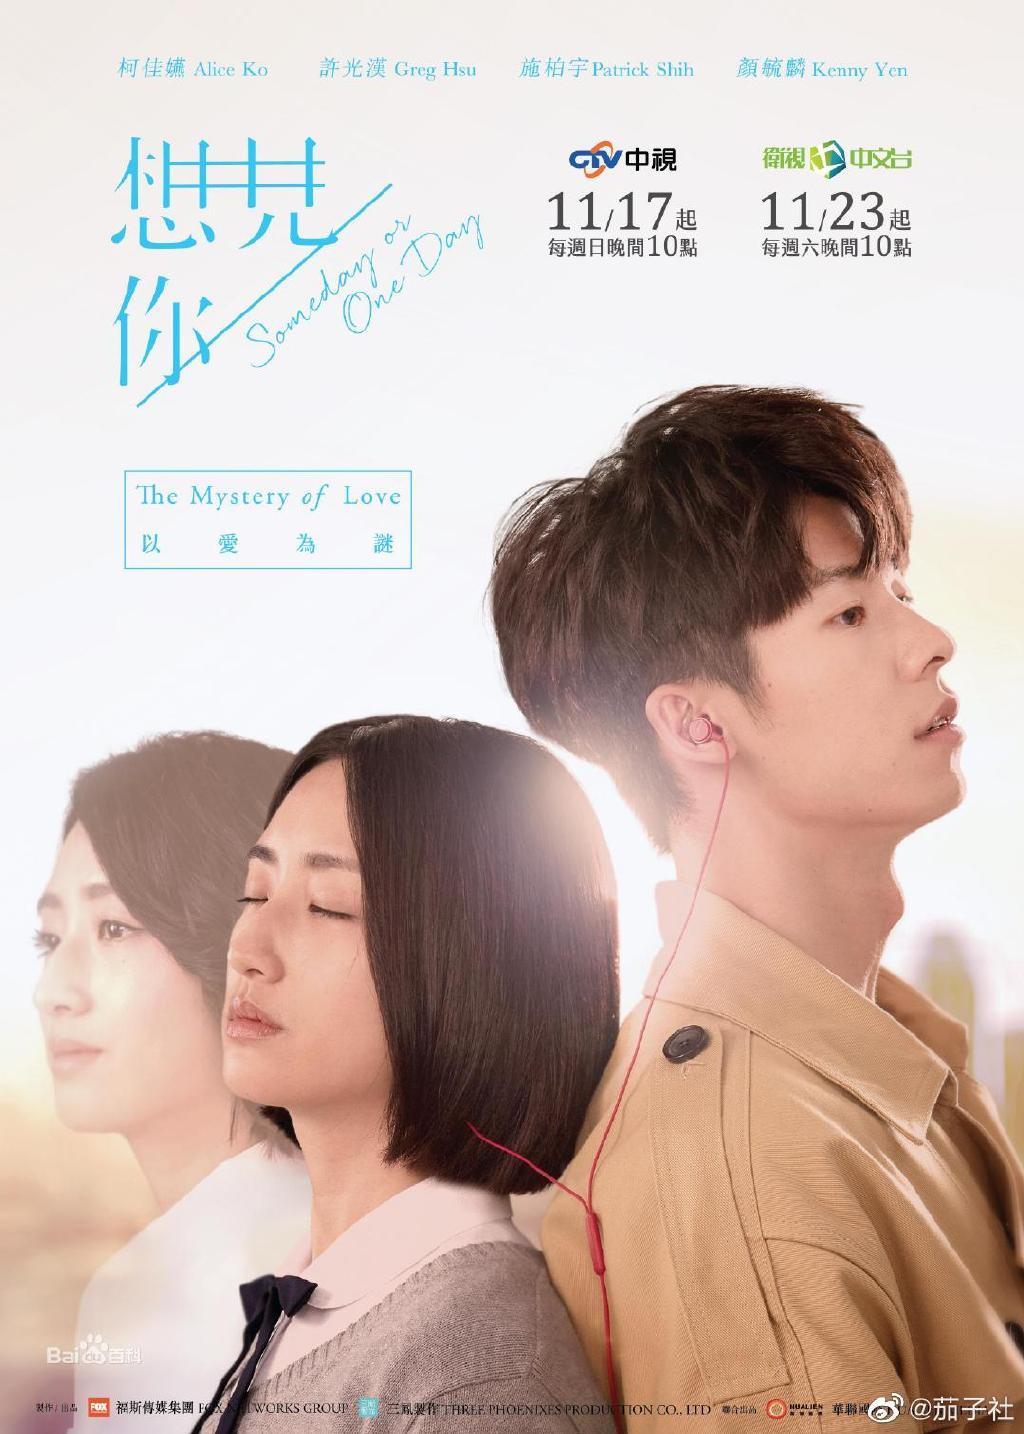 近期最好看的台湾电视剧豆瓣评分9.2,没有之一